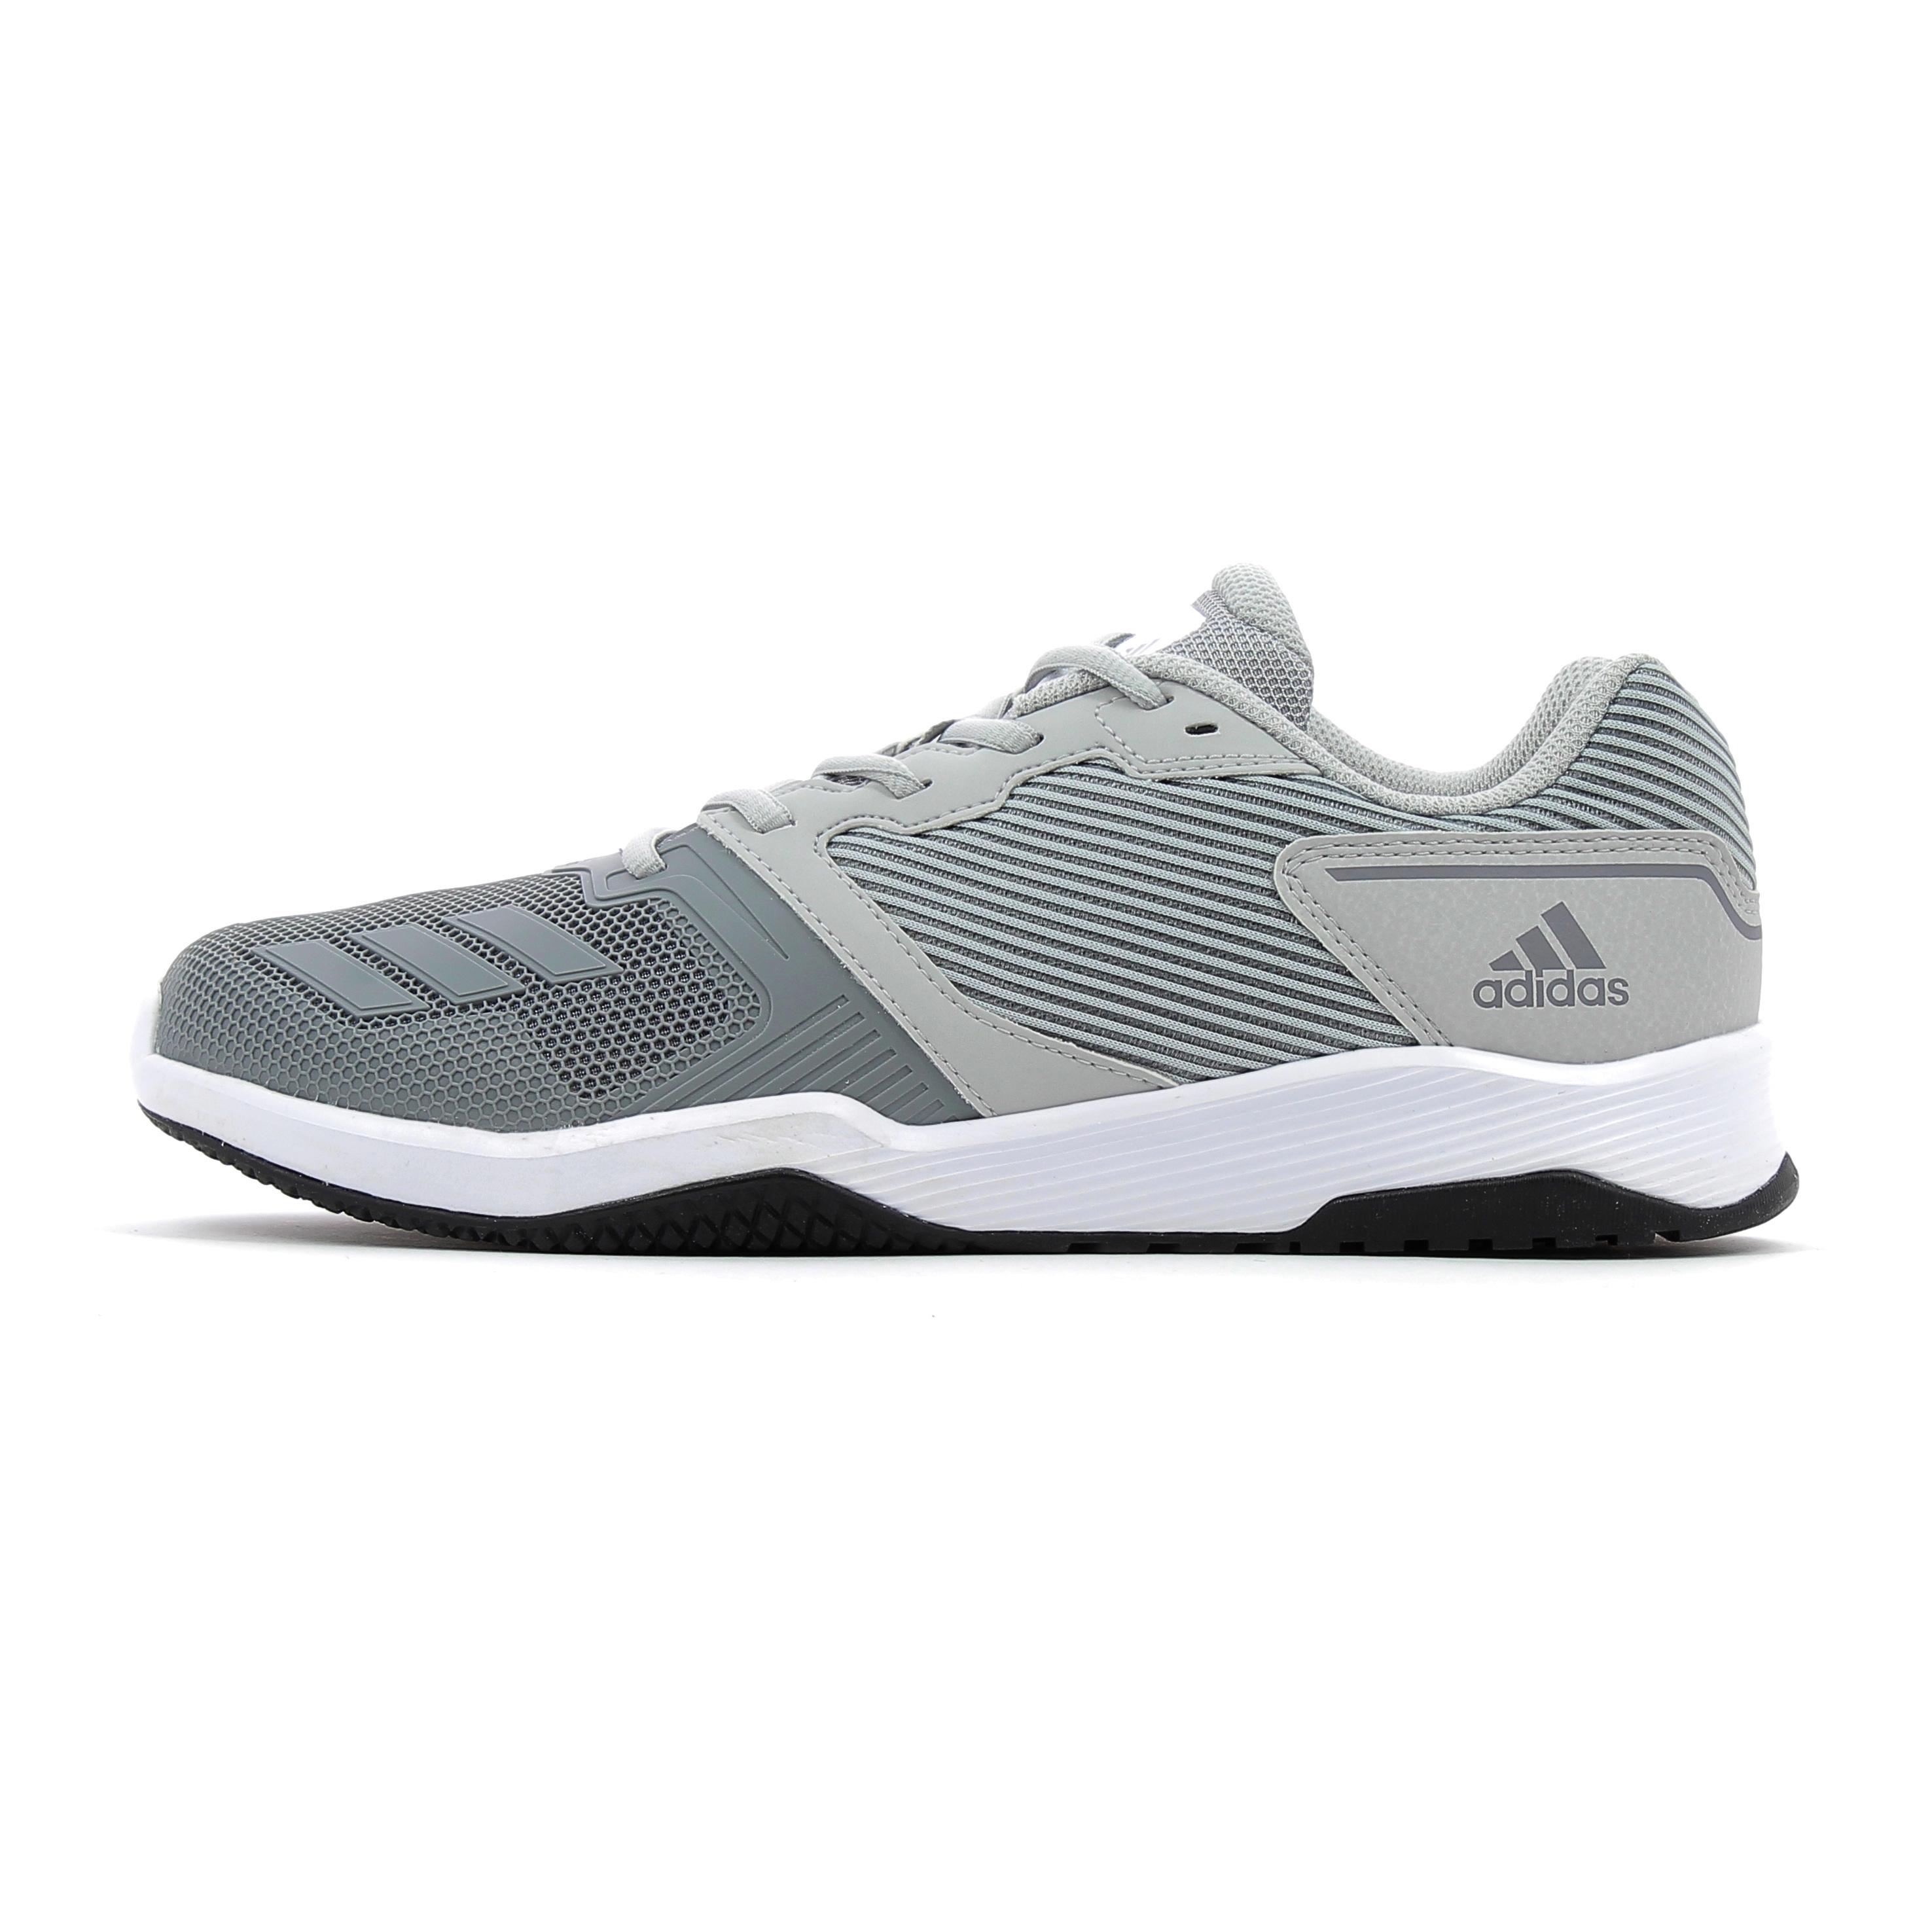 2 De Adidas Running Gym Gris Cross Training Warrior Chaussures A3L5j4R